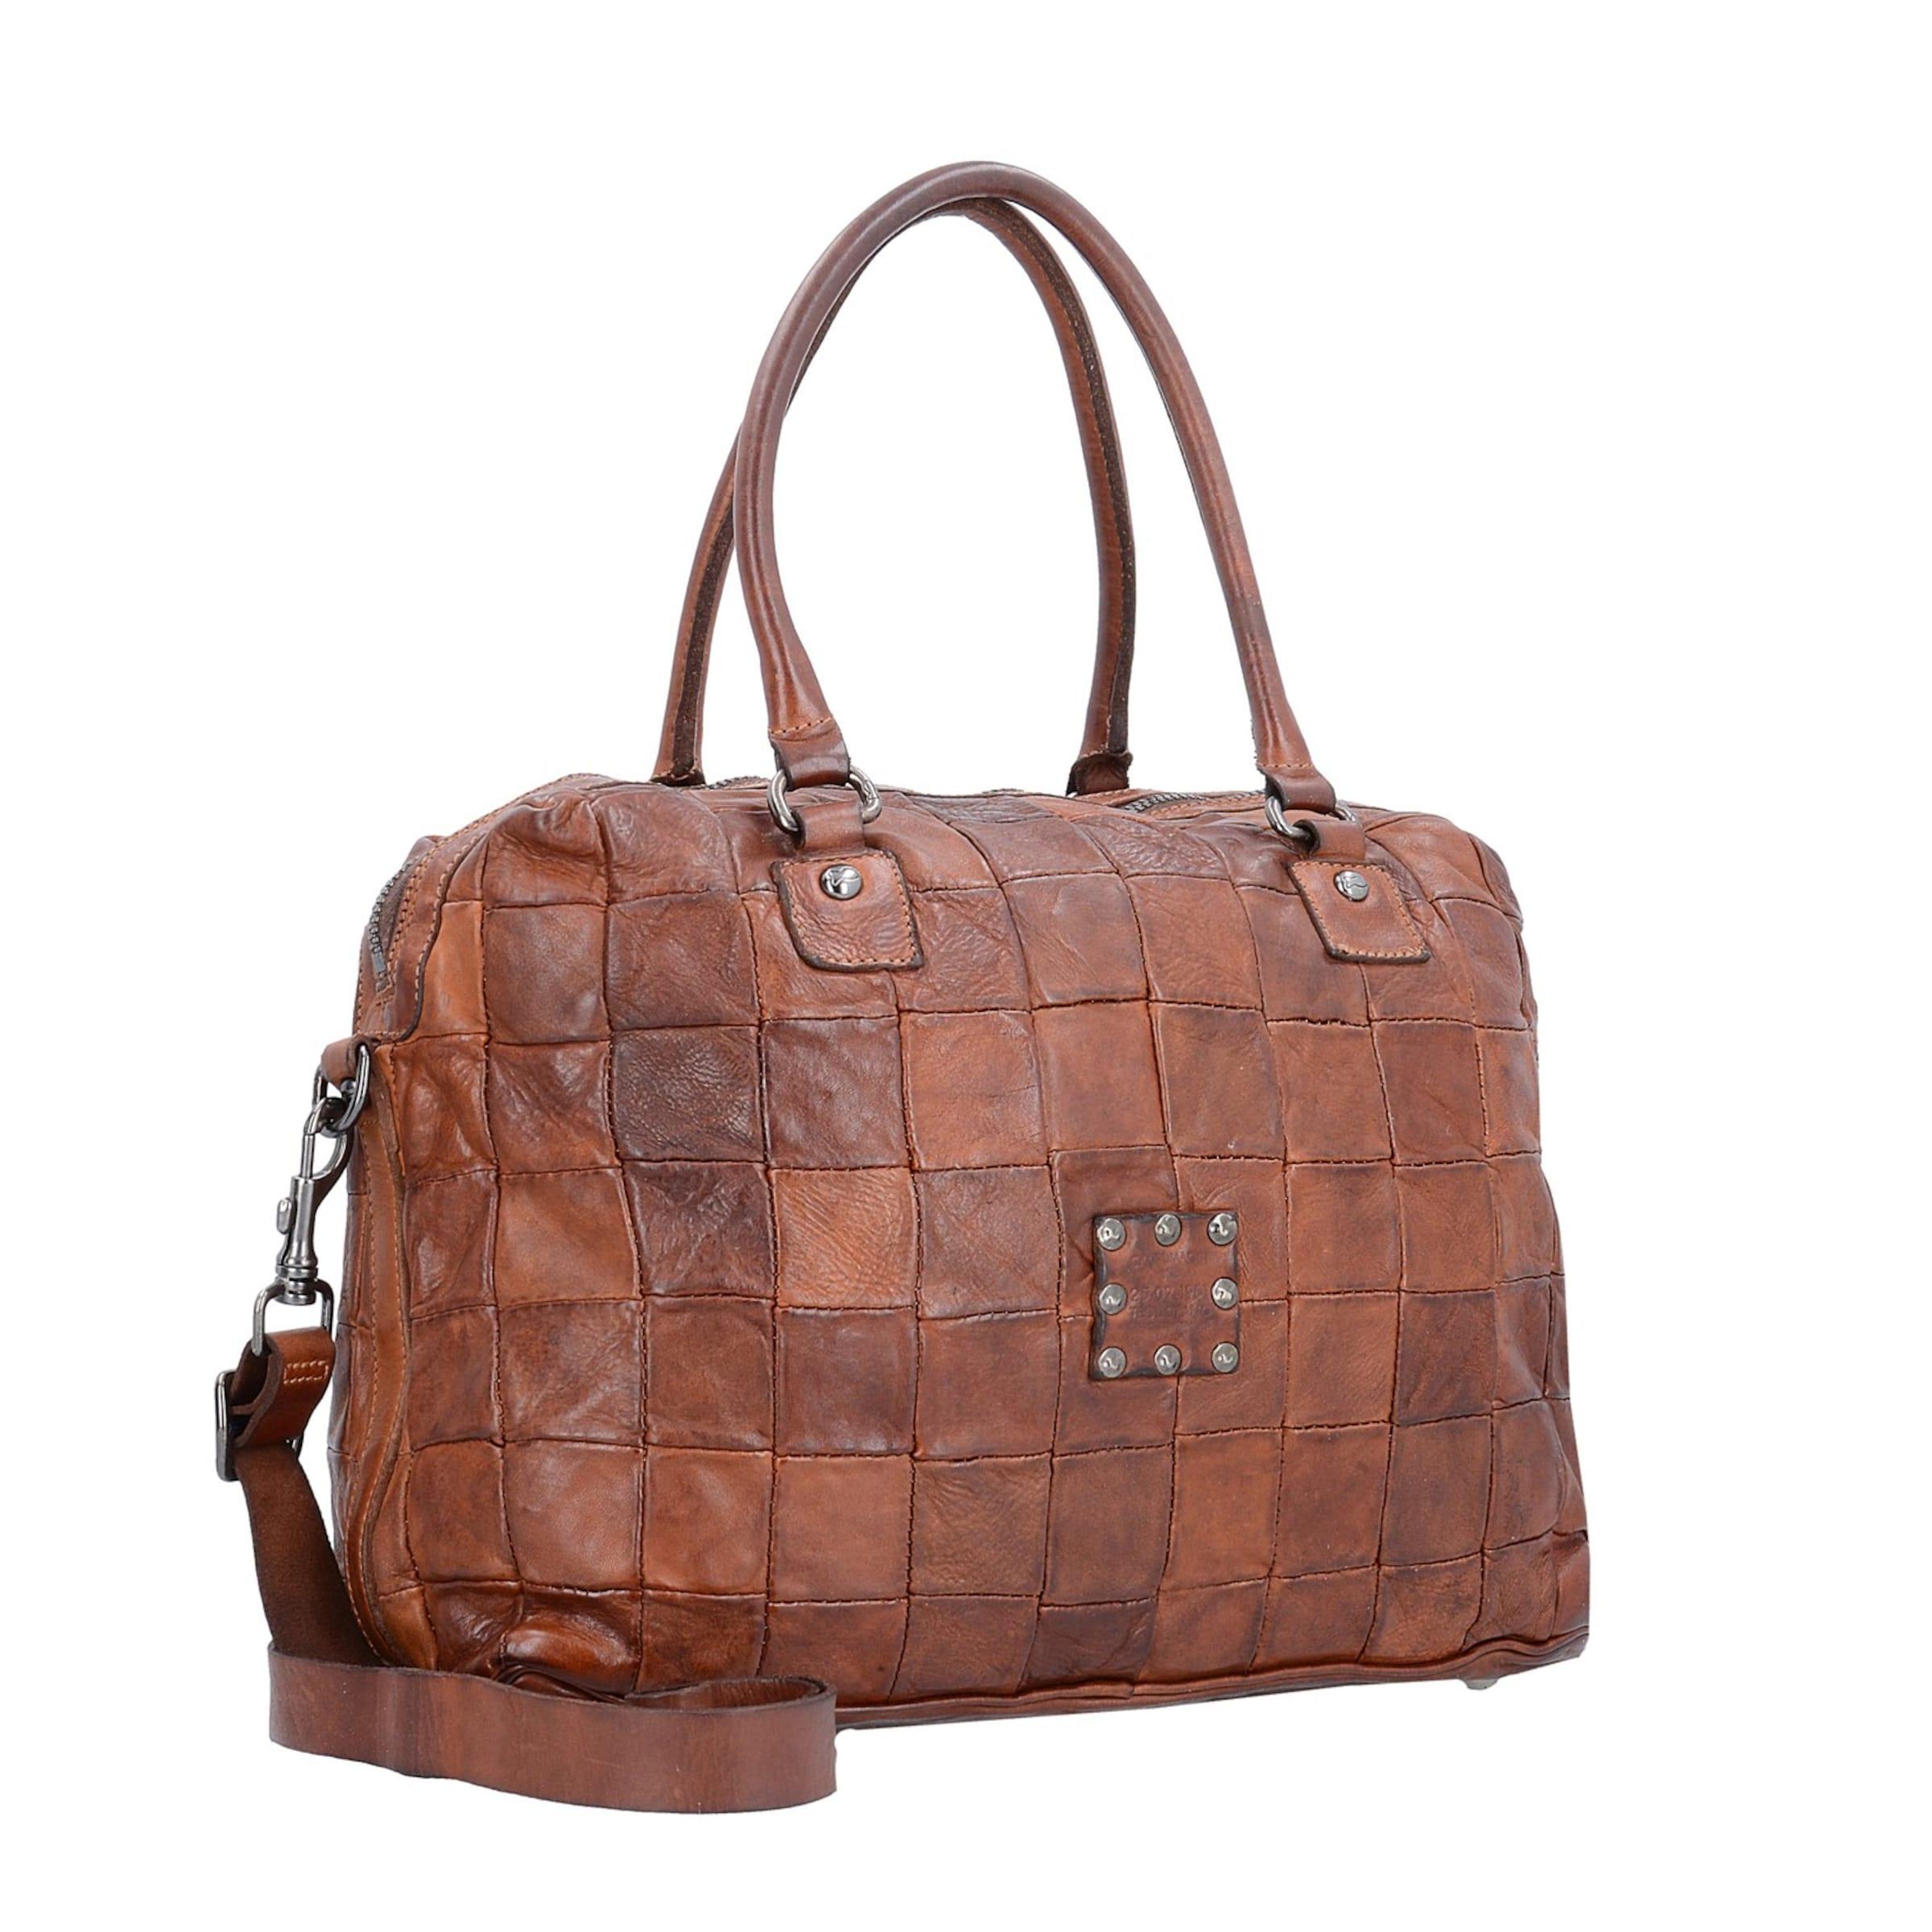 Preiswerte Reale Eastbay Billig Zum Verkauf Campomaggi Centella Handtasche Leder 40cm Exklusiv Erkunden Verkauf Online Professionelle Günstig Online Jug3MHdWH